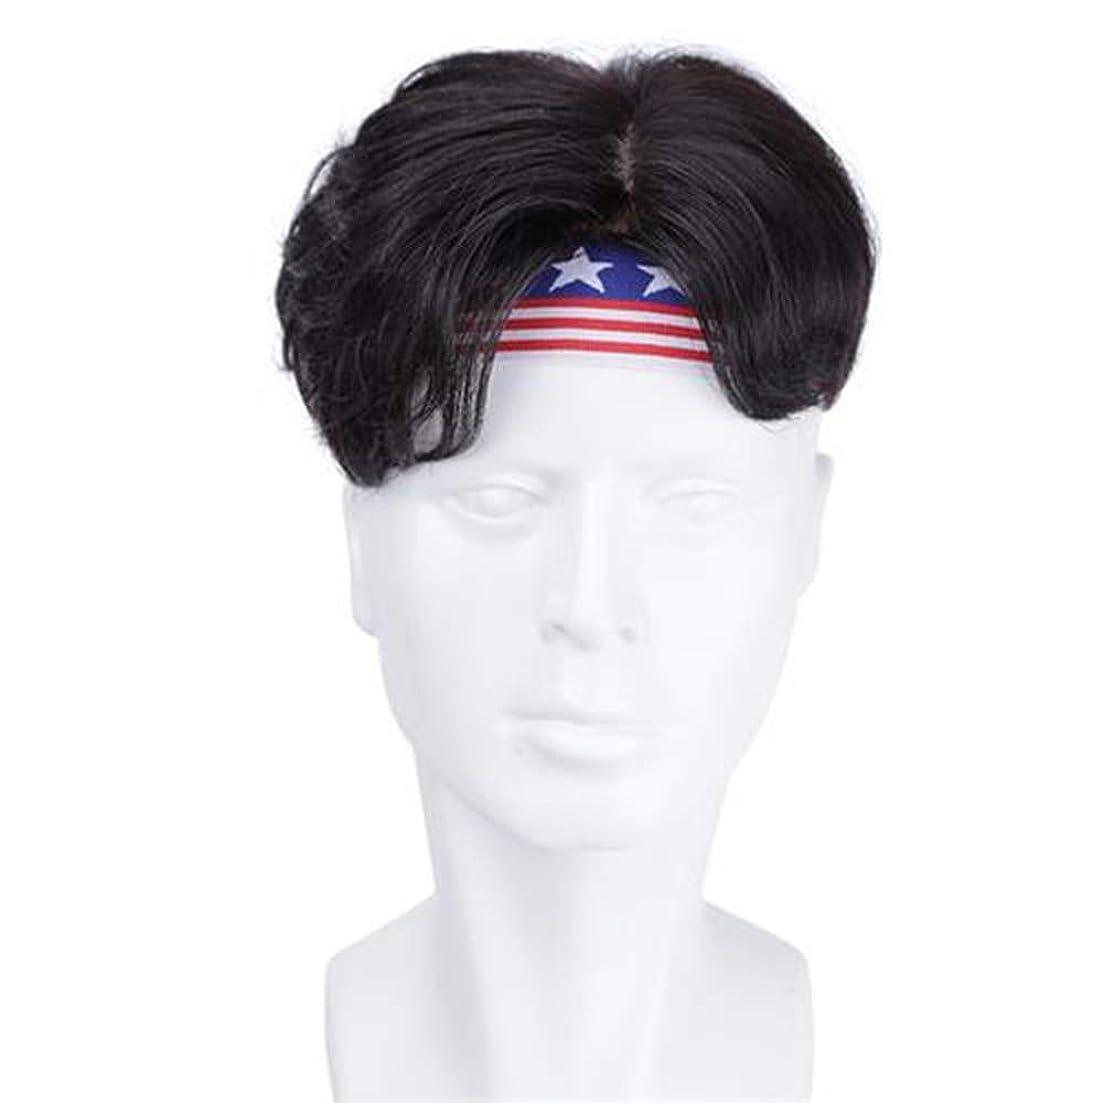 傭兵チチカカ湖受動的Yrattary 前髪付きのハンサムなふわふわのナチュラルショートヘア手編みのリアルヘアウィッグ (Color : Natural black, サイズ : 16x18)